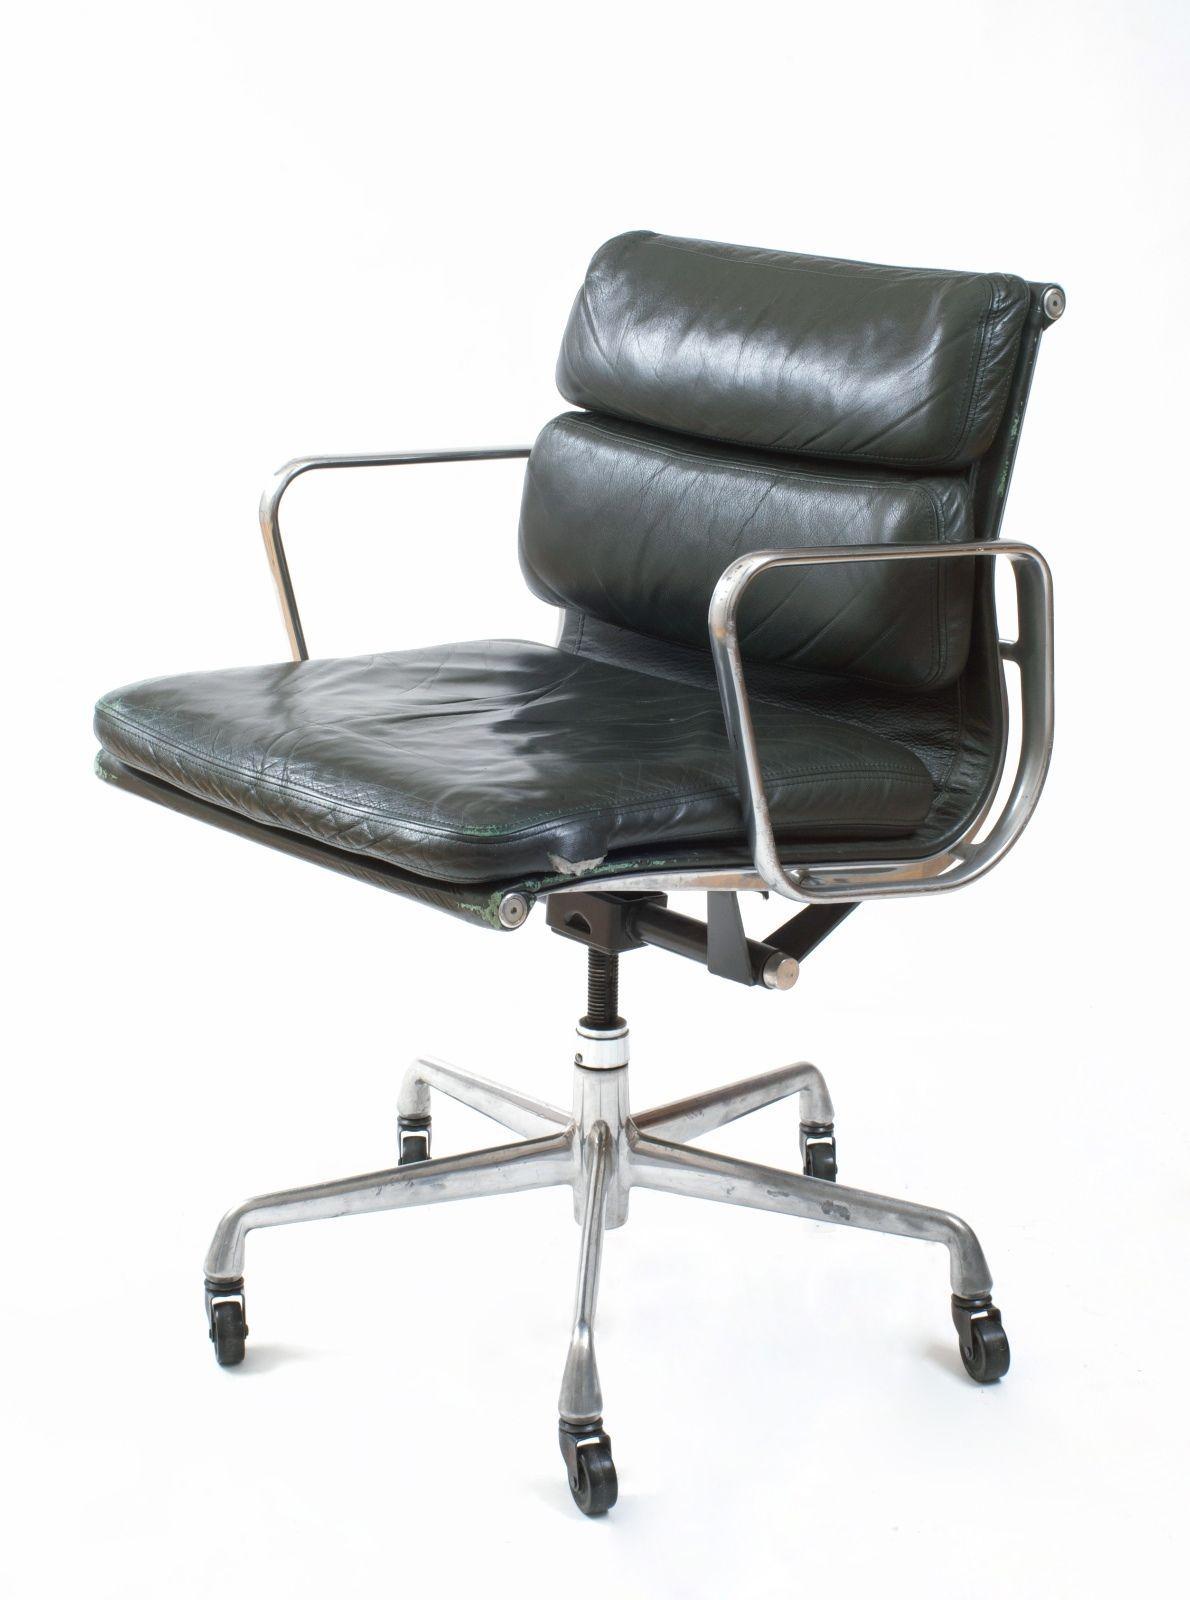 vintage eames soft pad management chair for herman miller dark green leather. Black Bedroom Furniture Sets. Home Design Ideas